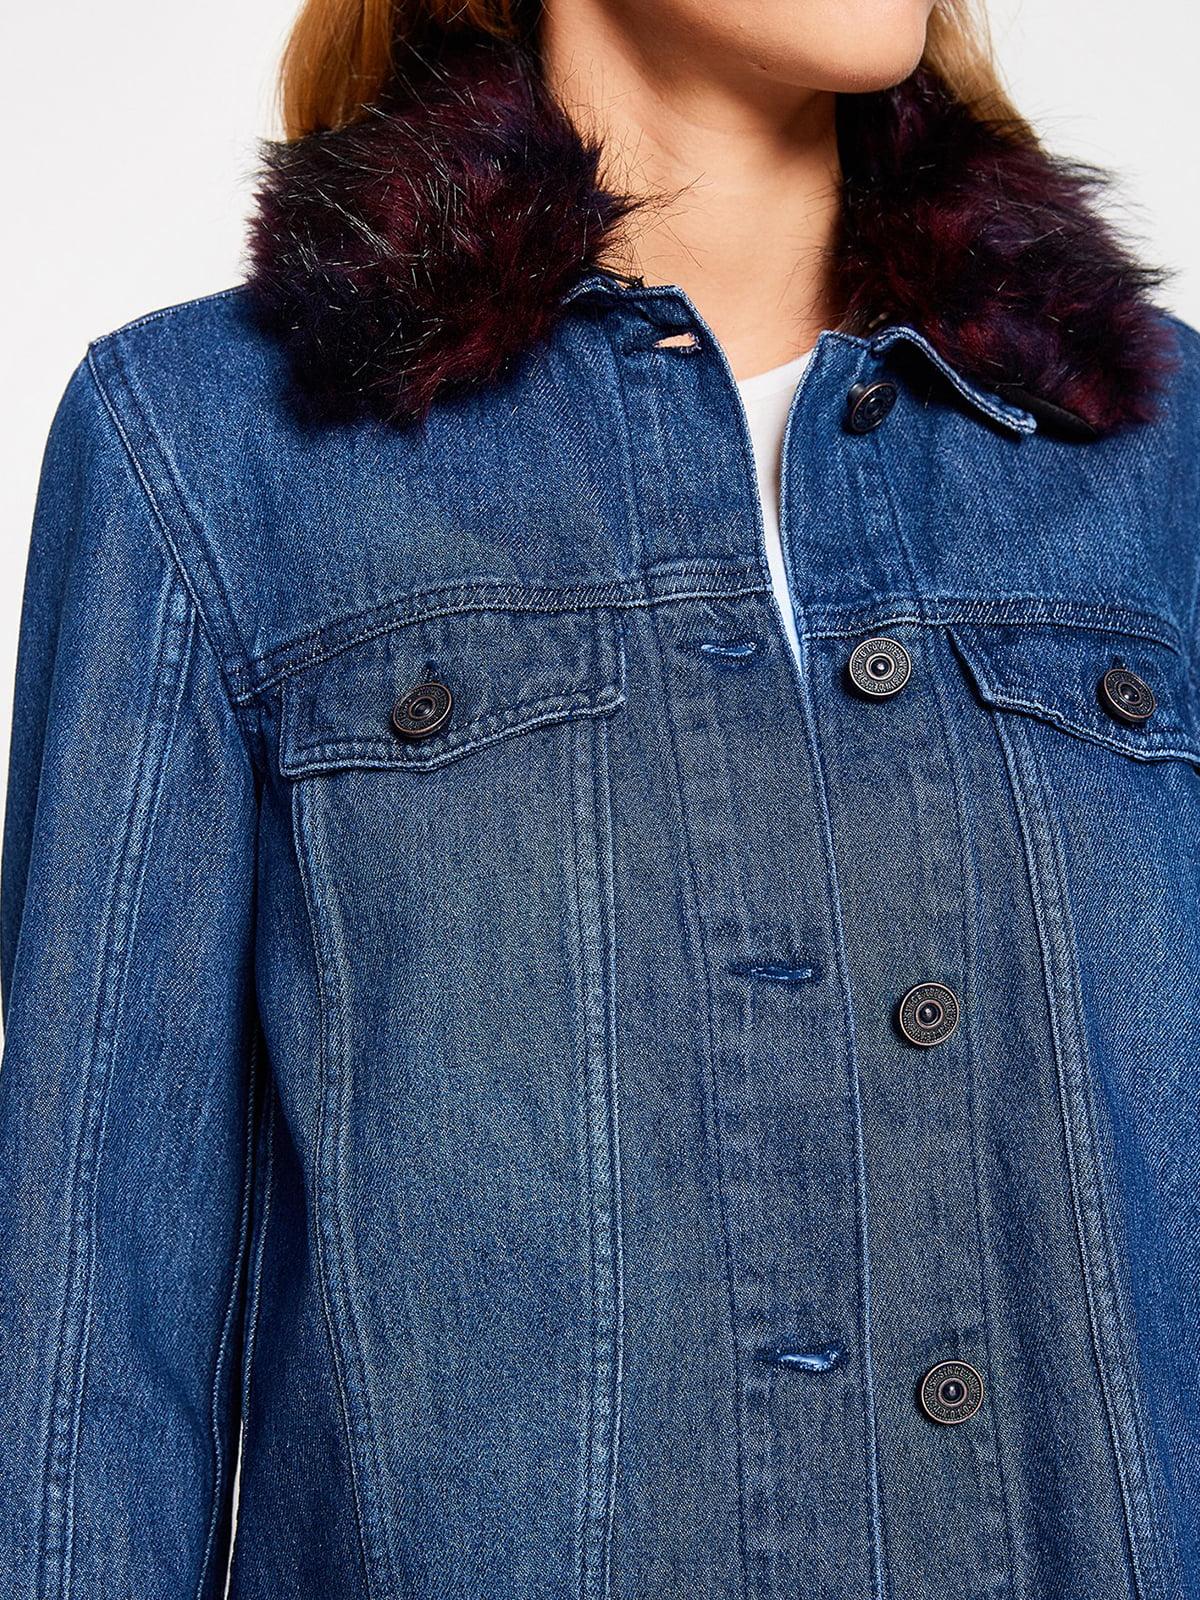 Куртка синяя | 4583889 | фото 5